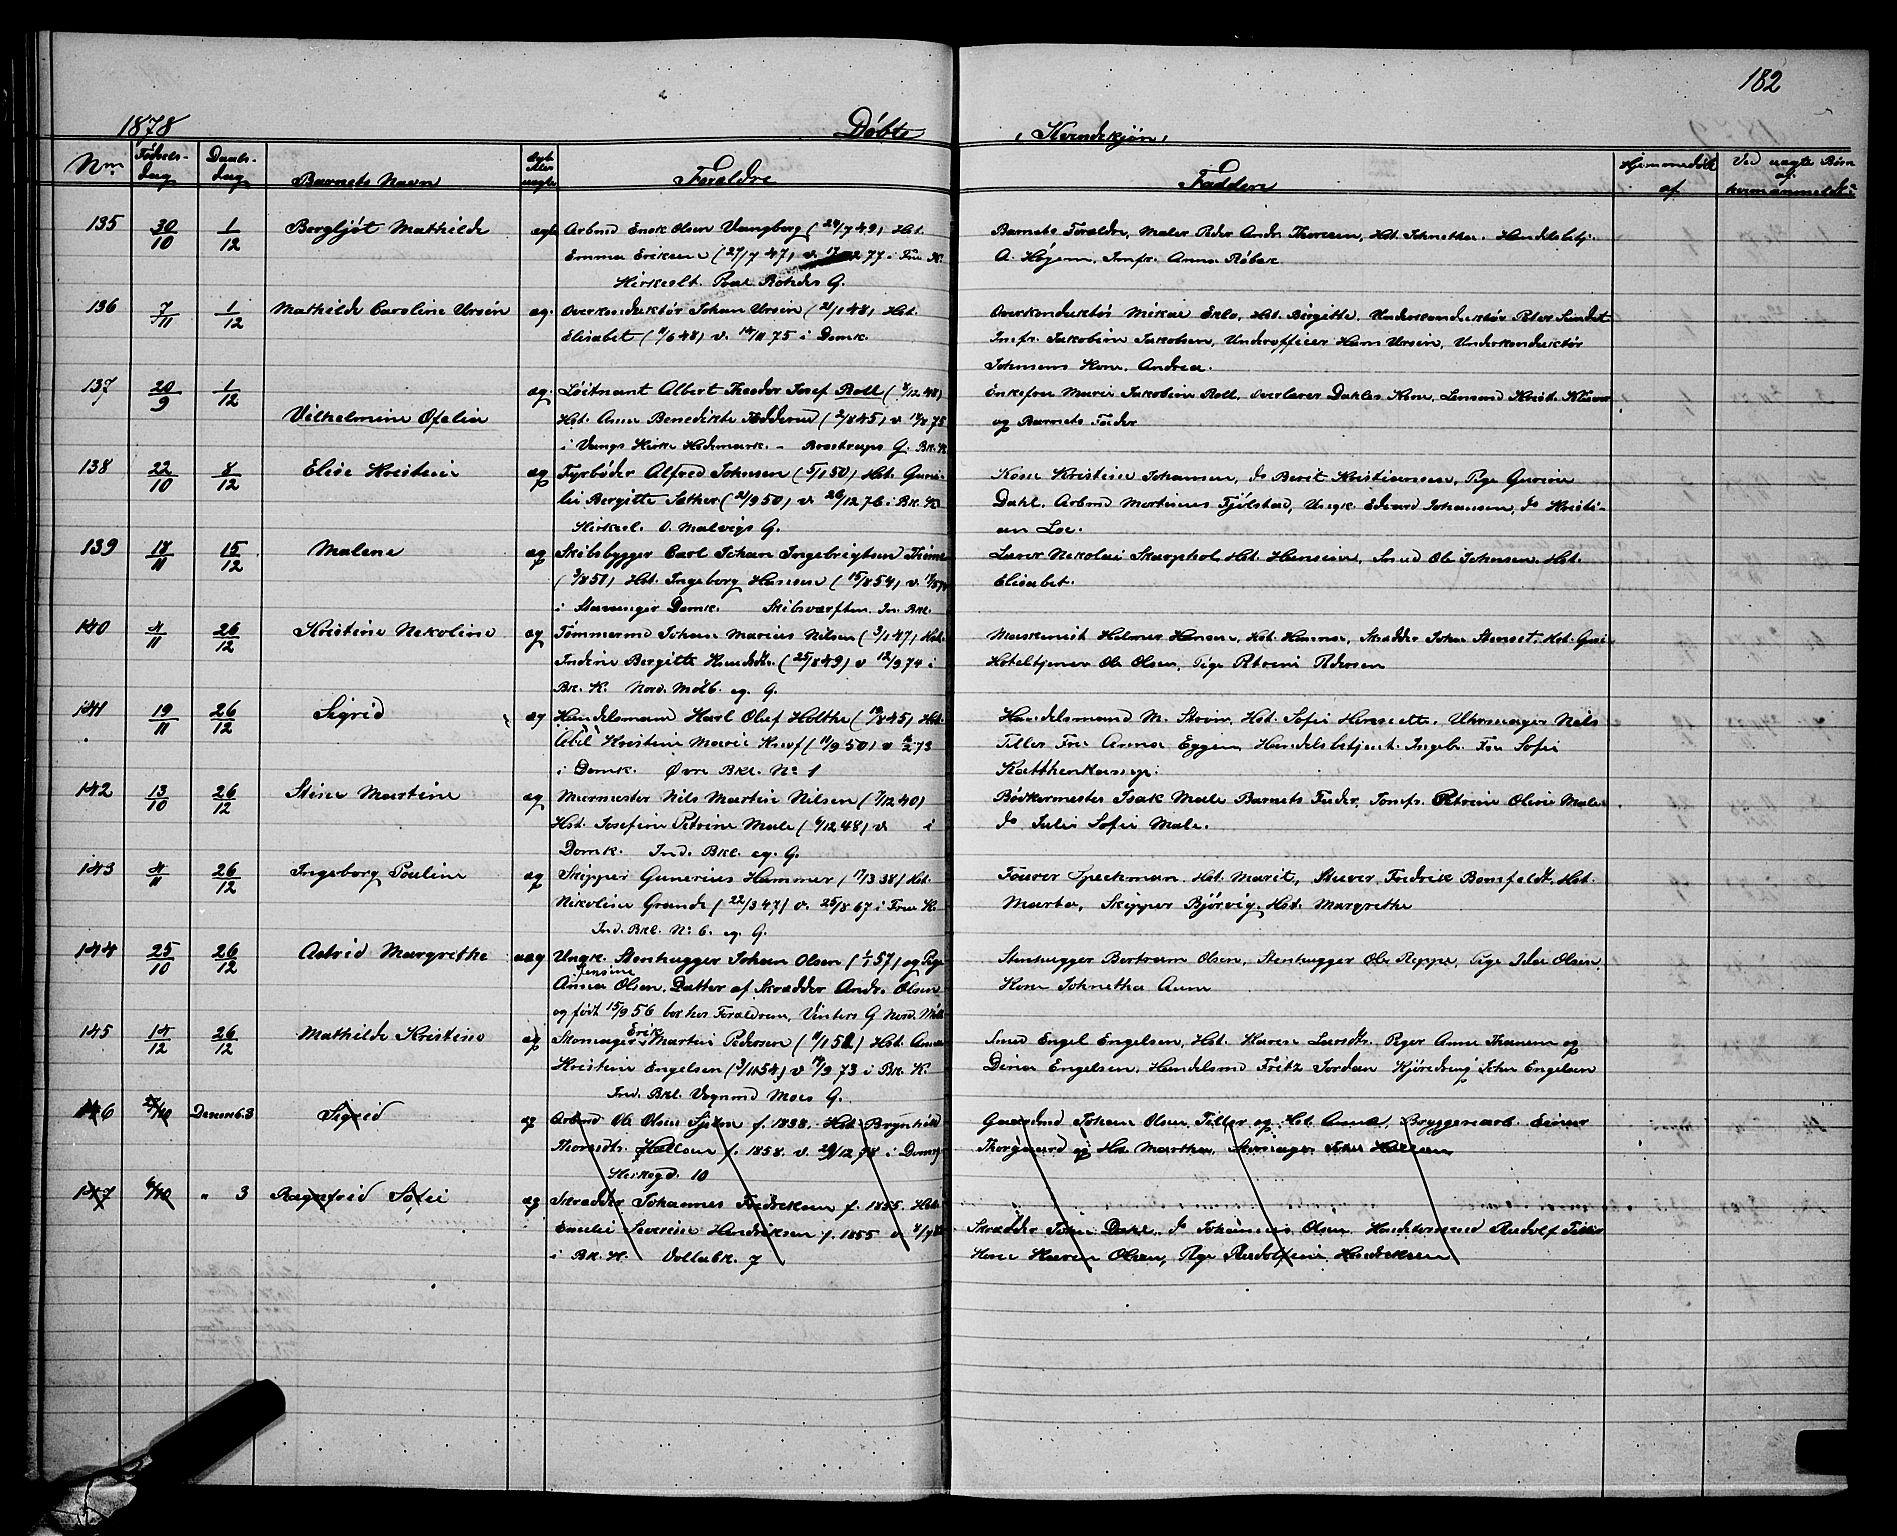 SAT, Ministerialprotokoller, klokkerbøker og fødselsregistre - Sør-Trøndelag, 604/L0220: Klokkerbok nr. 604C03, 1870-1885, s. 182